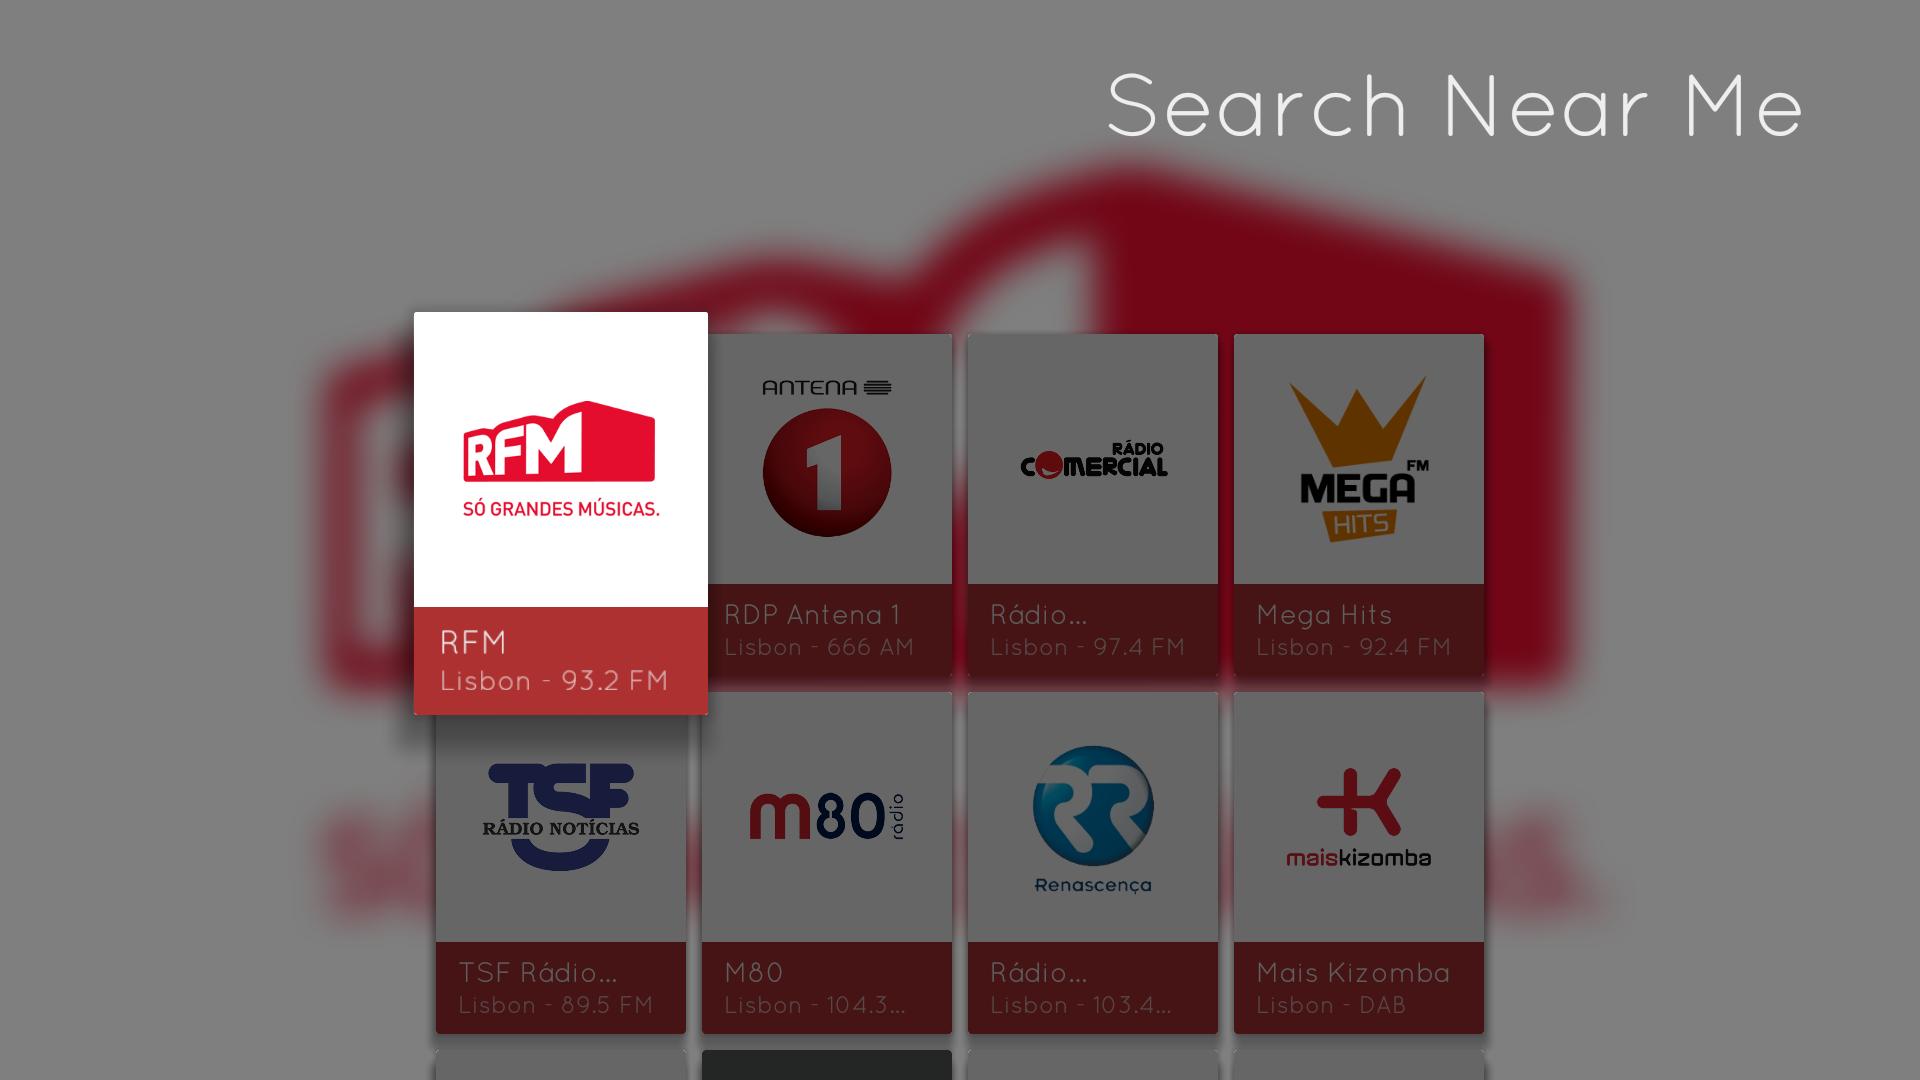 myTuner Radio España: Radio FM Gratis - Escuchar Radios Espanolas en Directo en Amazon y Android (App Radios de España Gratis): Amazon.es: Appstore para Android